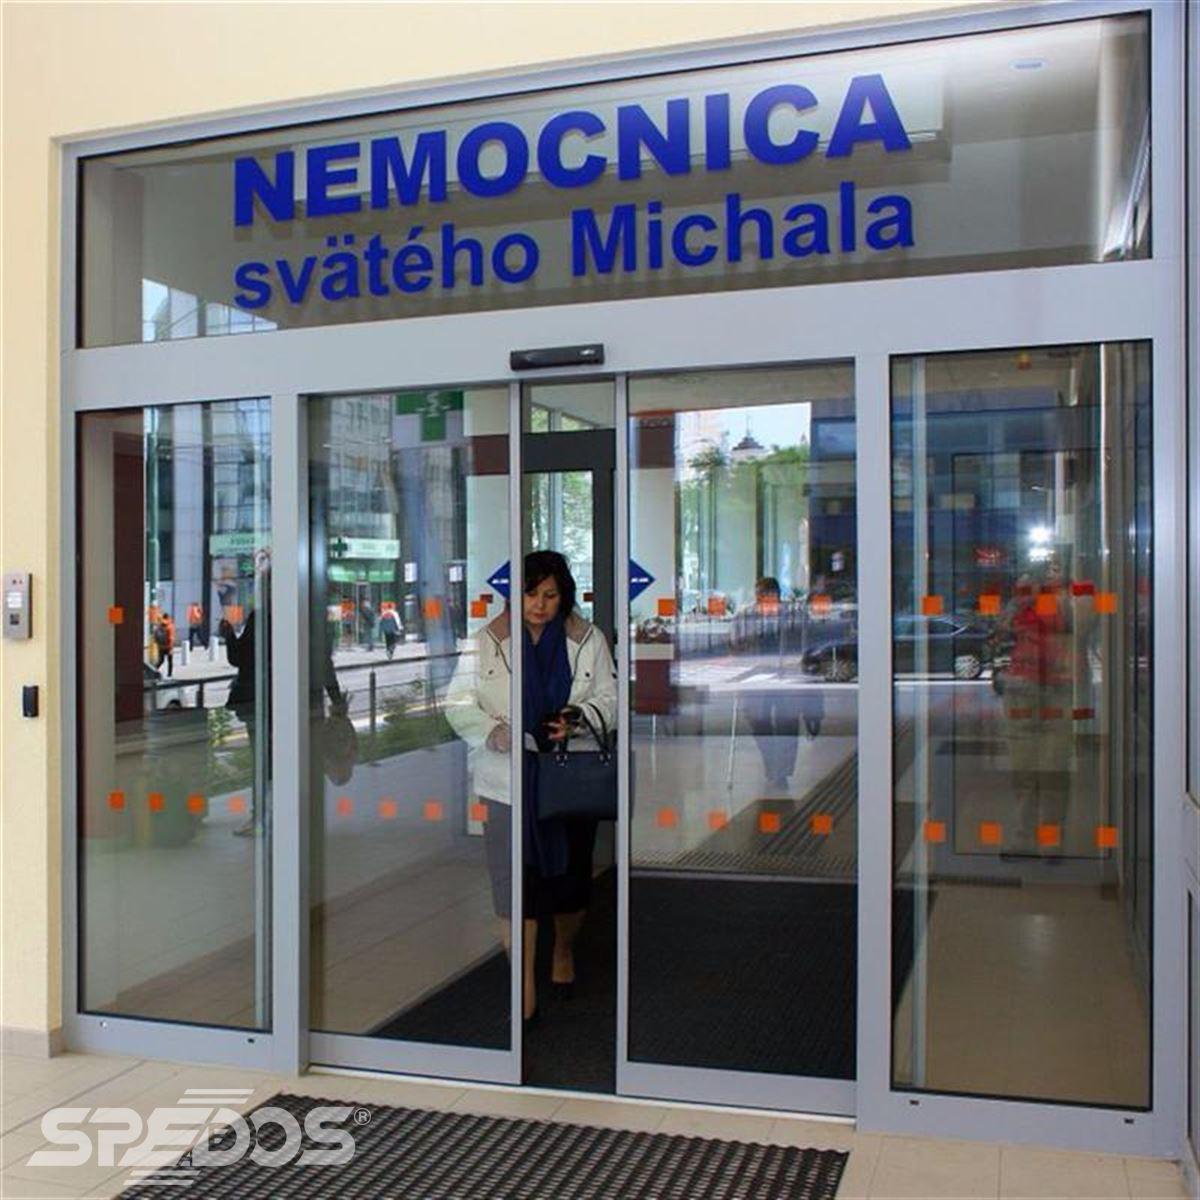 Automatické posuvné dveře pro nemocnici sv. Michala 1